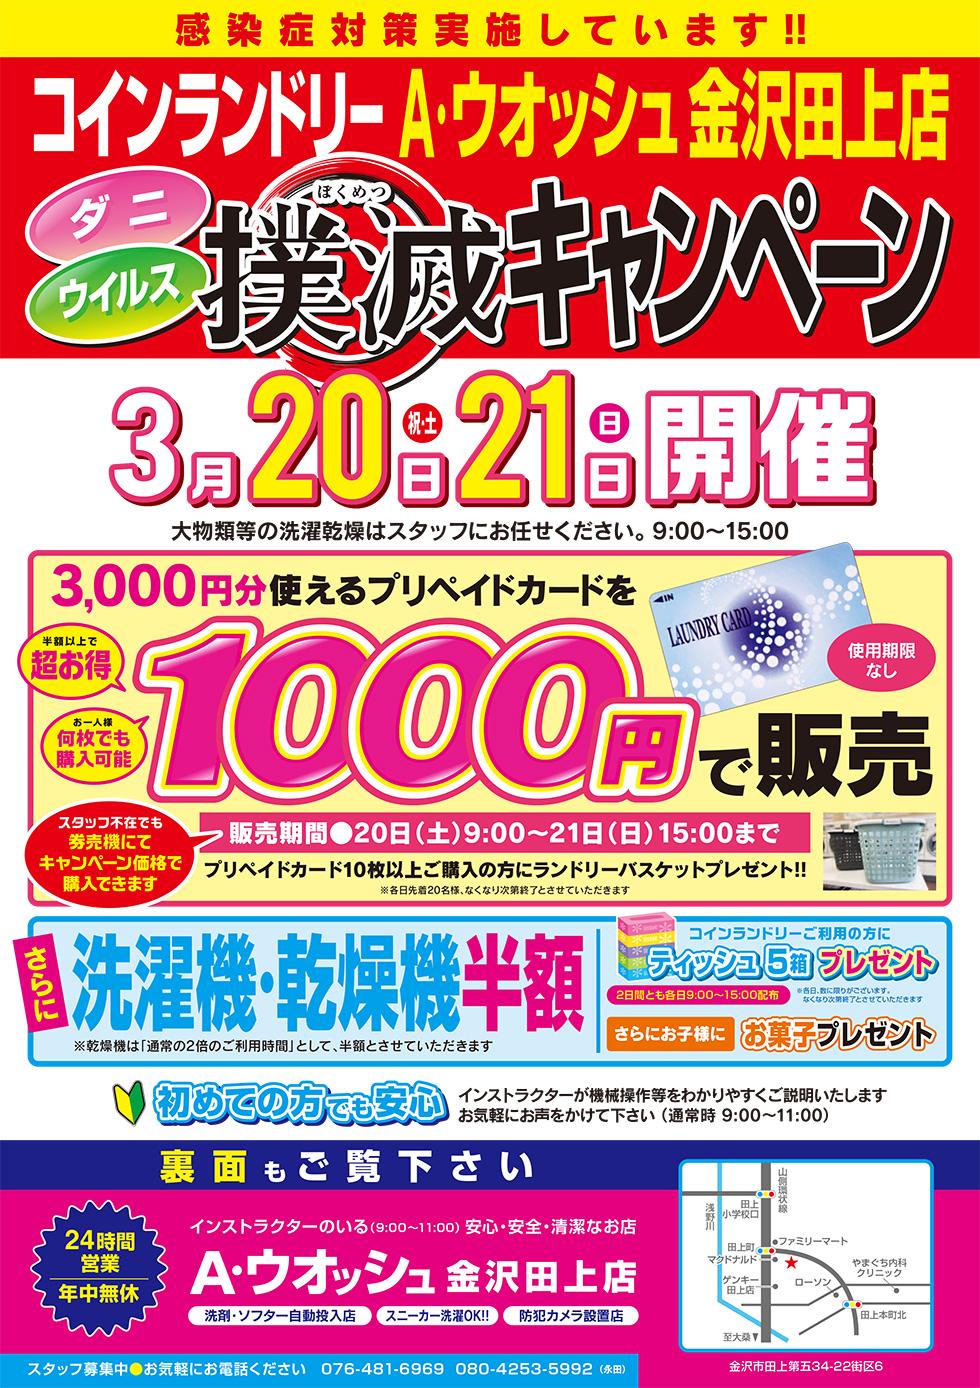 A・ウオッシュ金沢田上店ダニウイルス撲滅キャンペーン